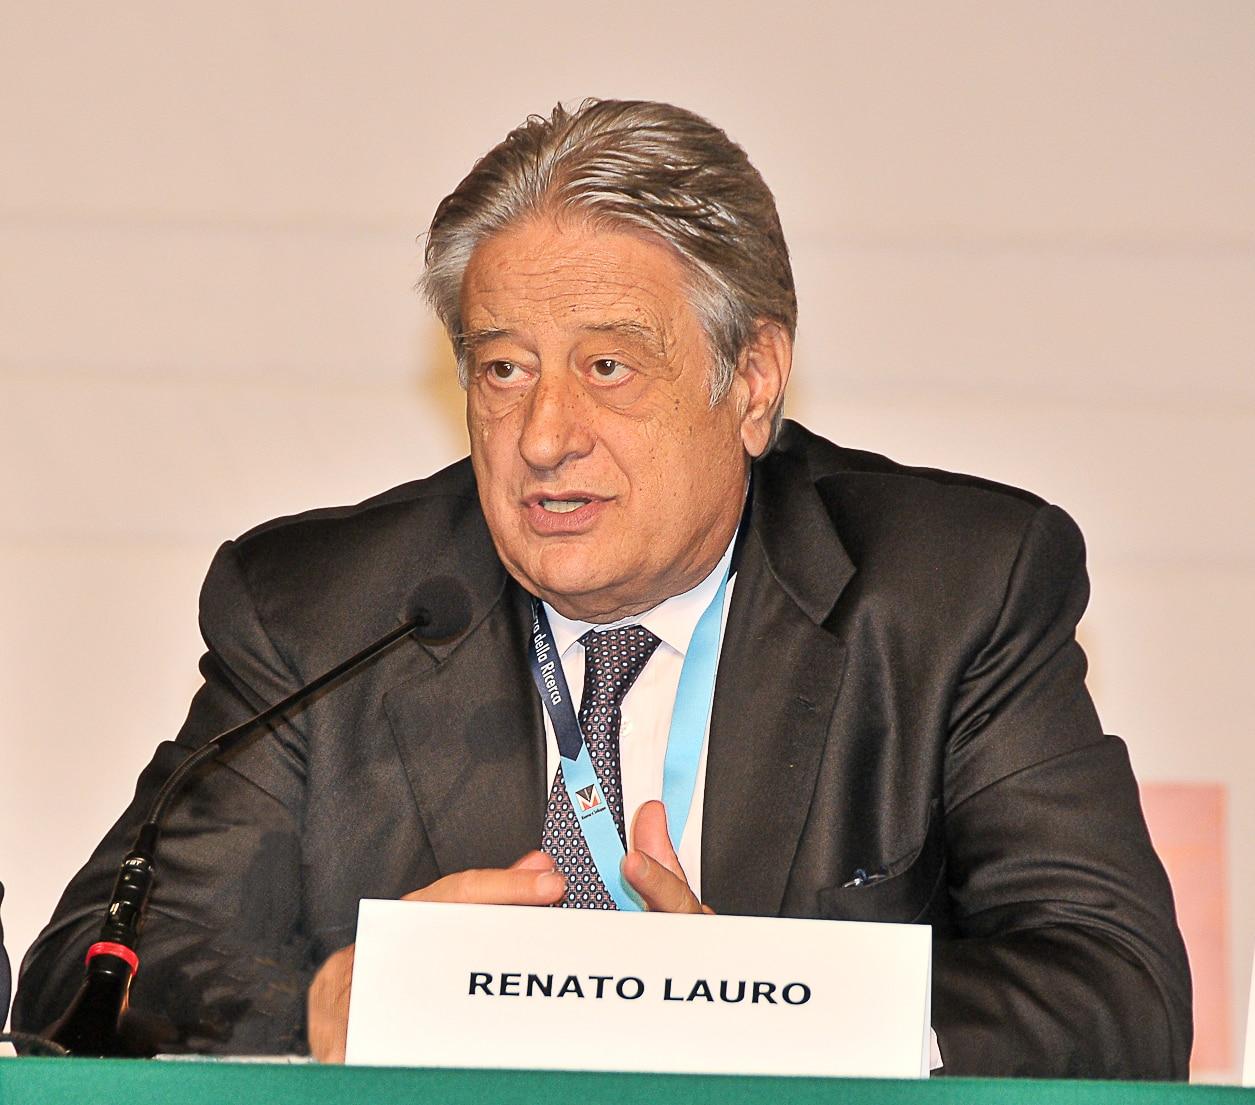 Renato Lauro